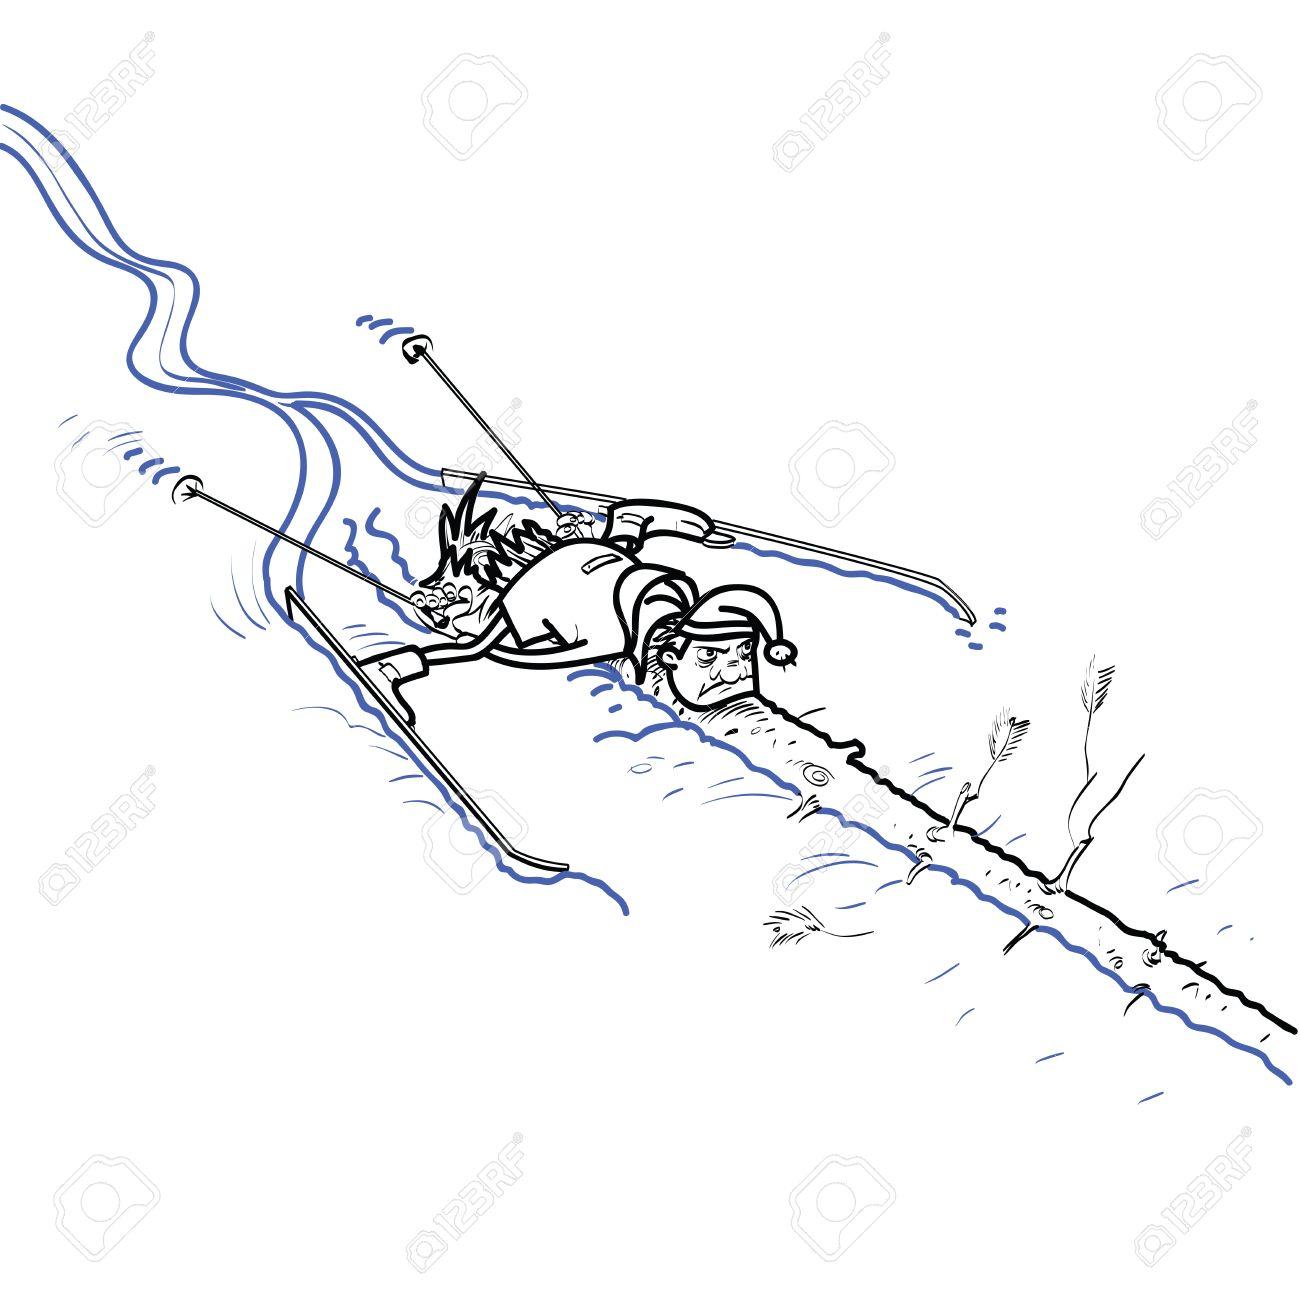 Un Skieur A Percuté Un Arbre Sports D Hiver Descente De Ski